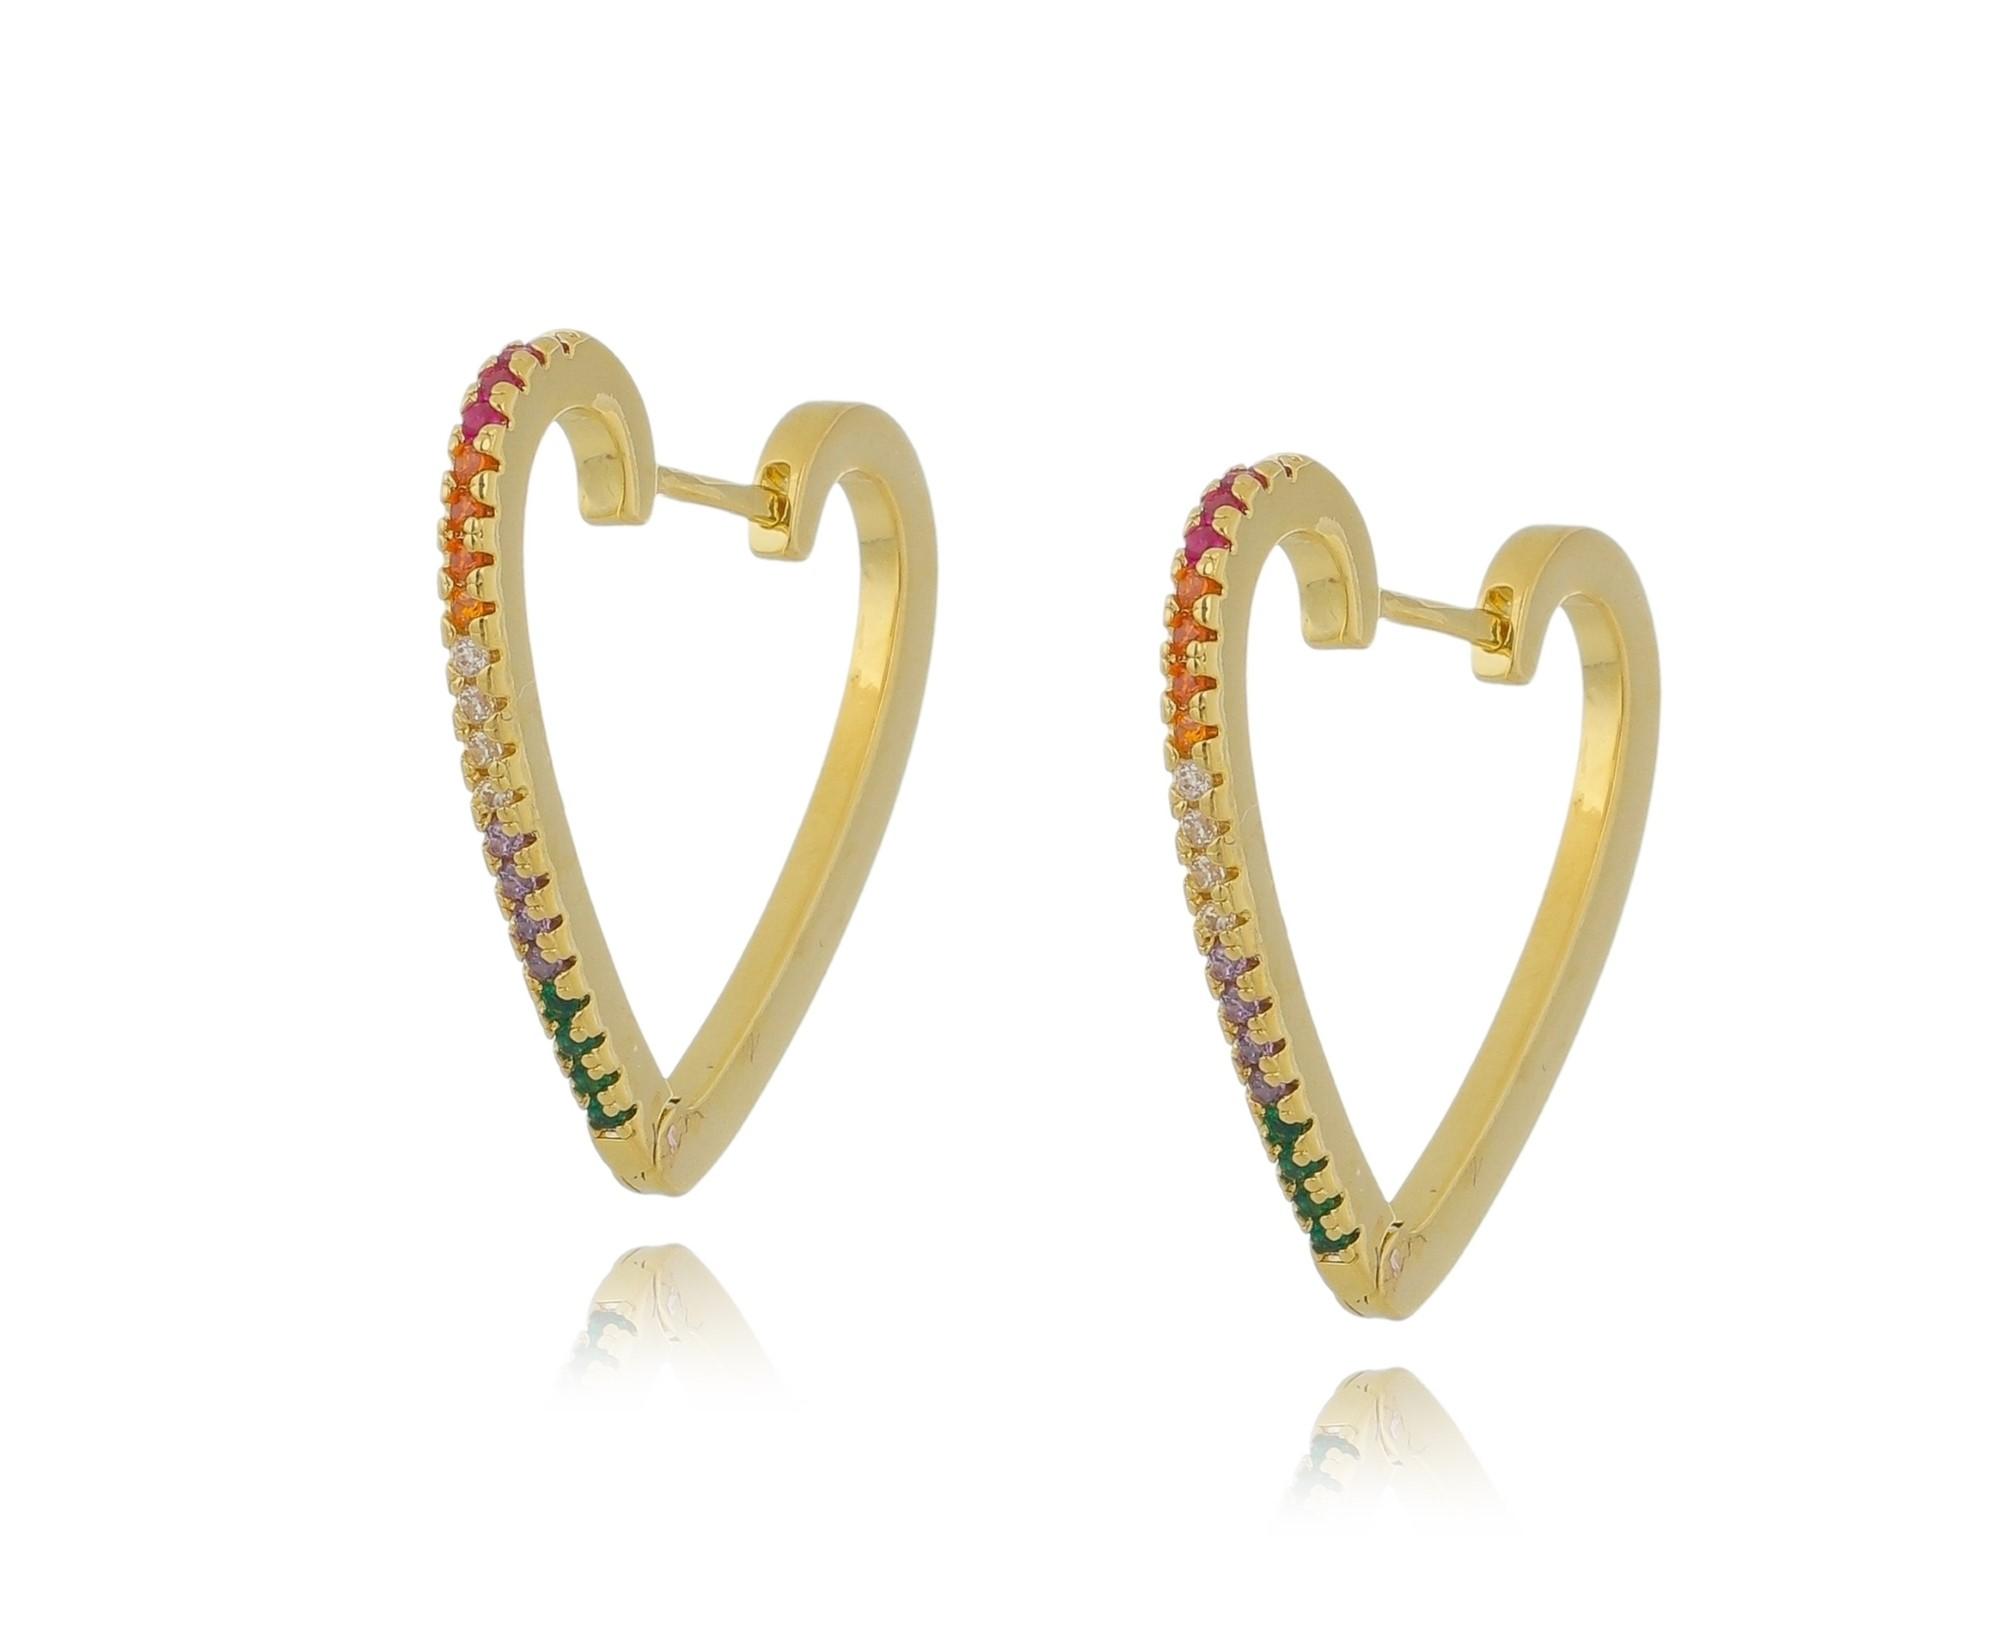 Argola click coração 25mm com zircônias coloridas